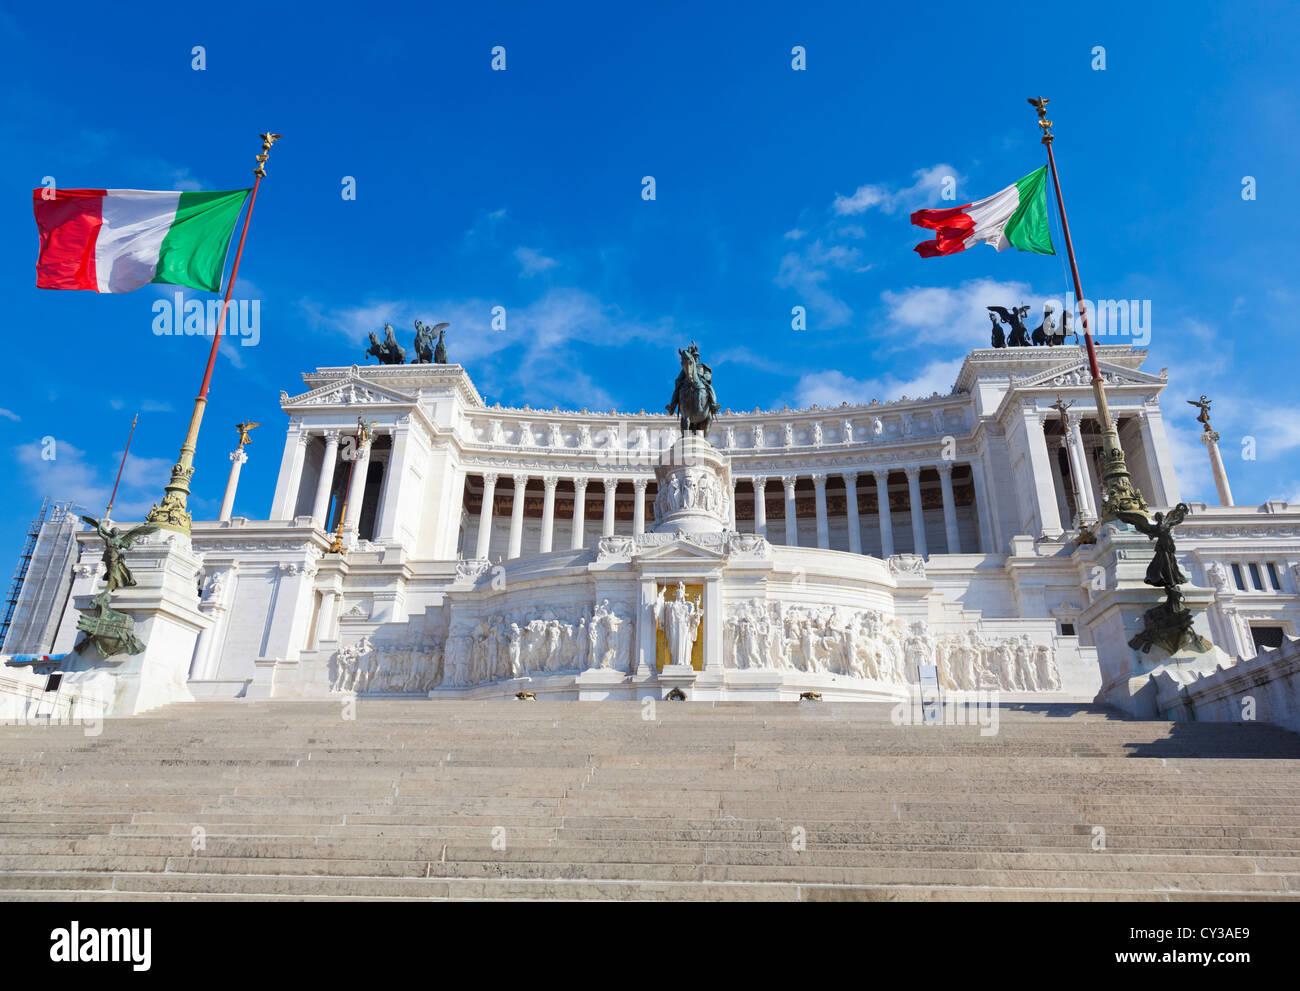 Le monument Vittoriano à Rome, Italie alias 'Altare della Patria' Photo Stock